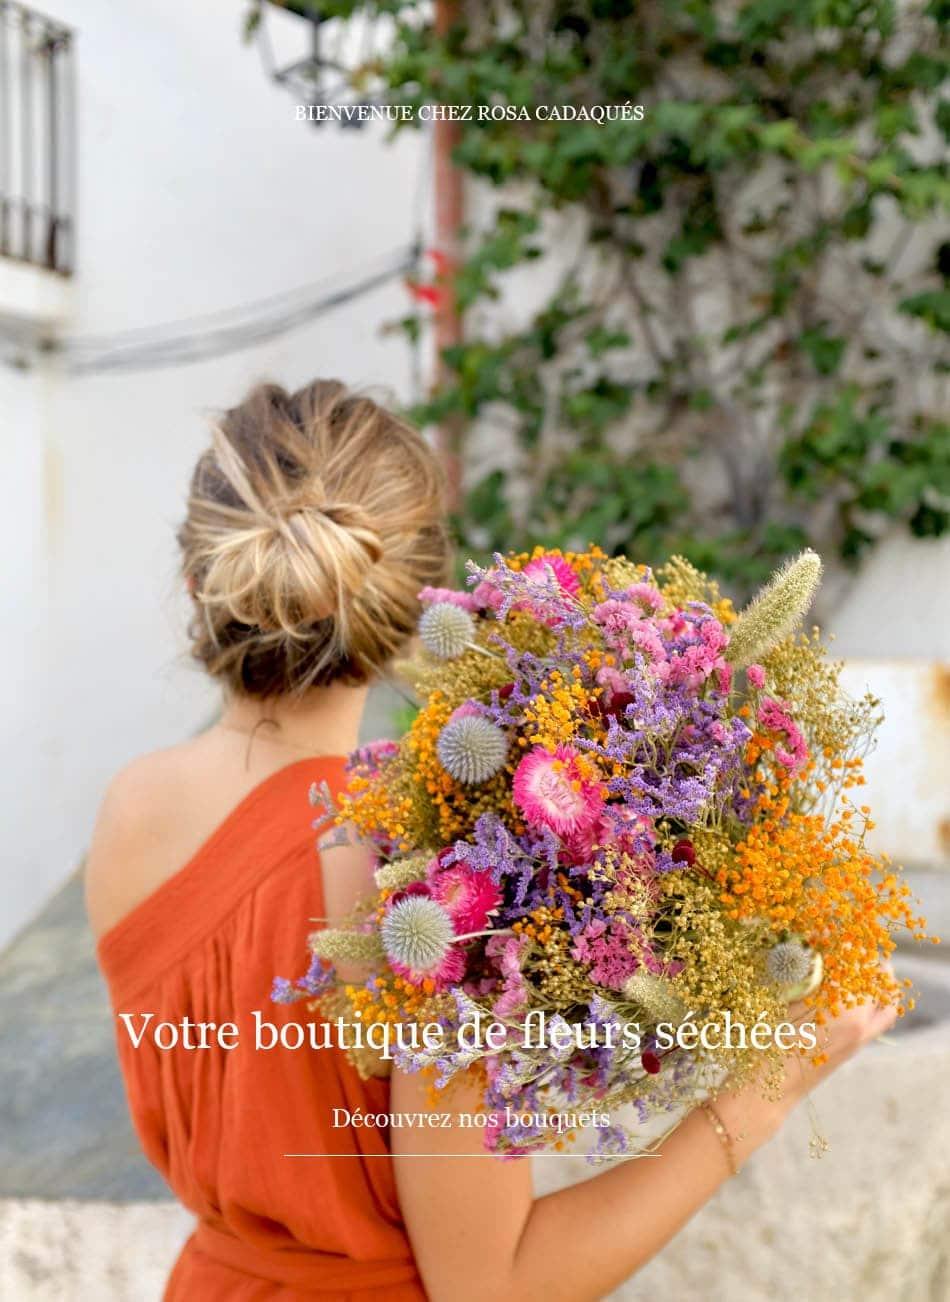 Comment Conserver Des Fleurs Séchées rosa cadaqués - livraison de bouquets de fleurs séchées